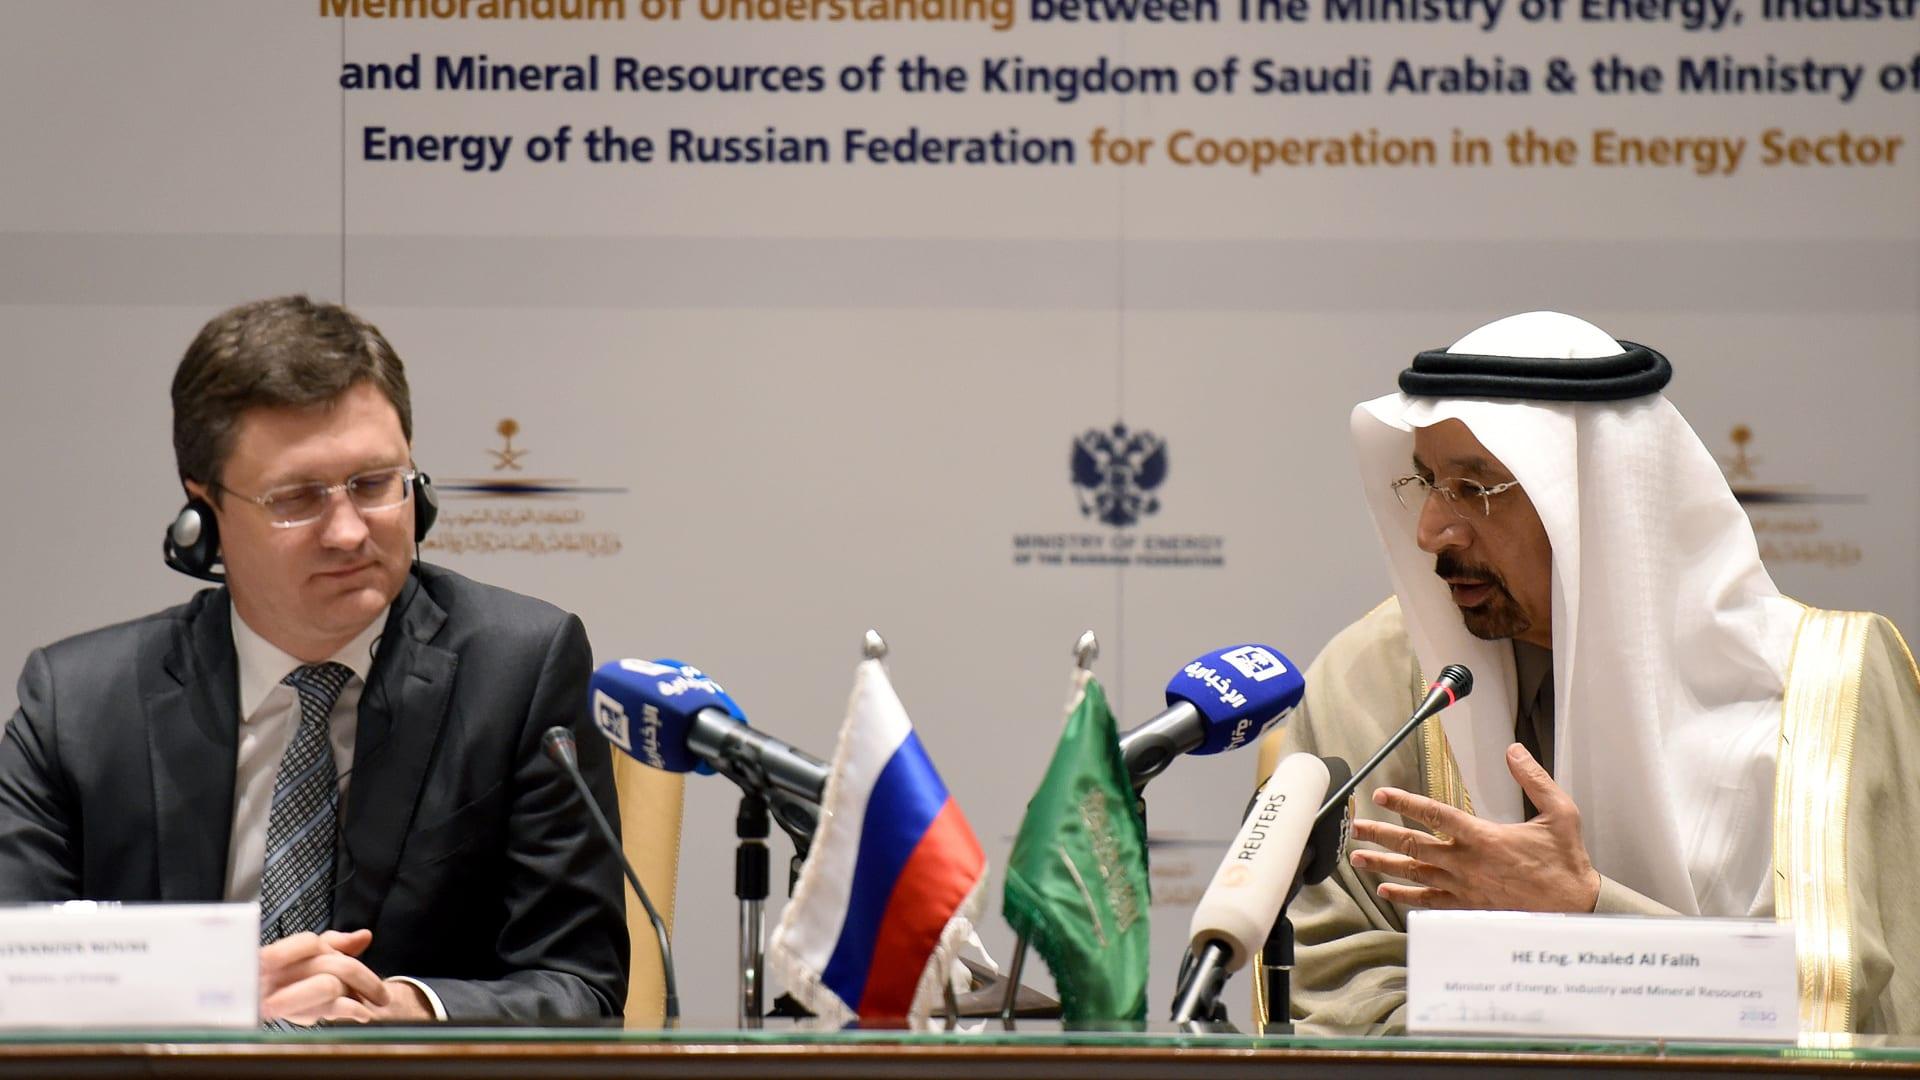 كيف تتحايل إيران على حظر تصدير النفط؟